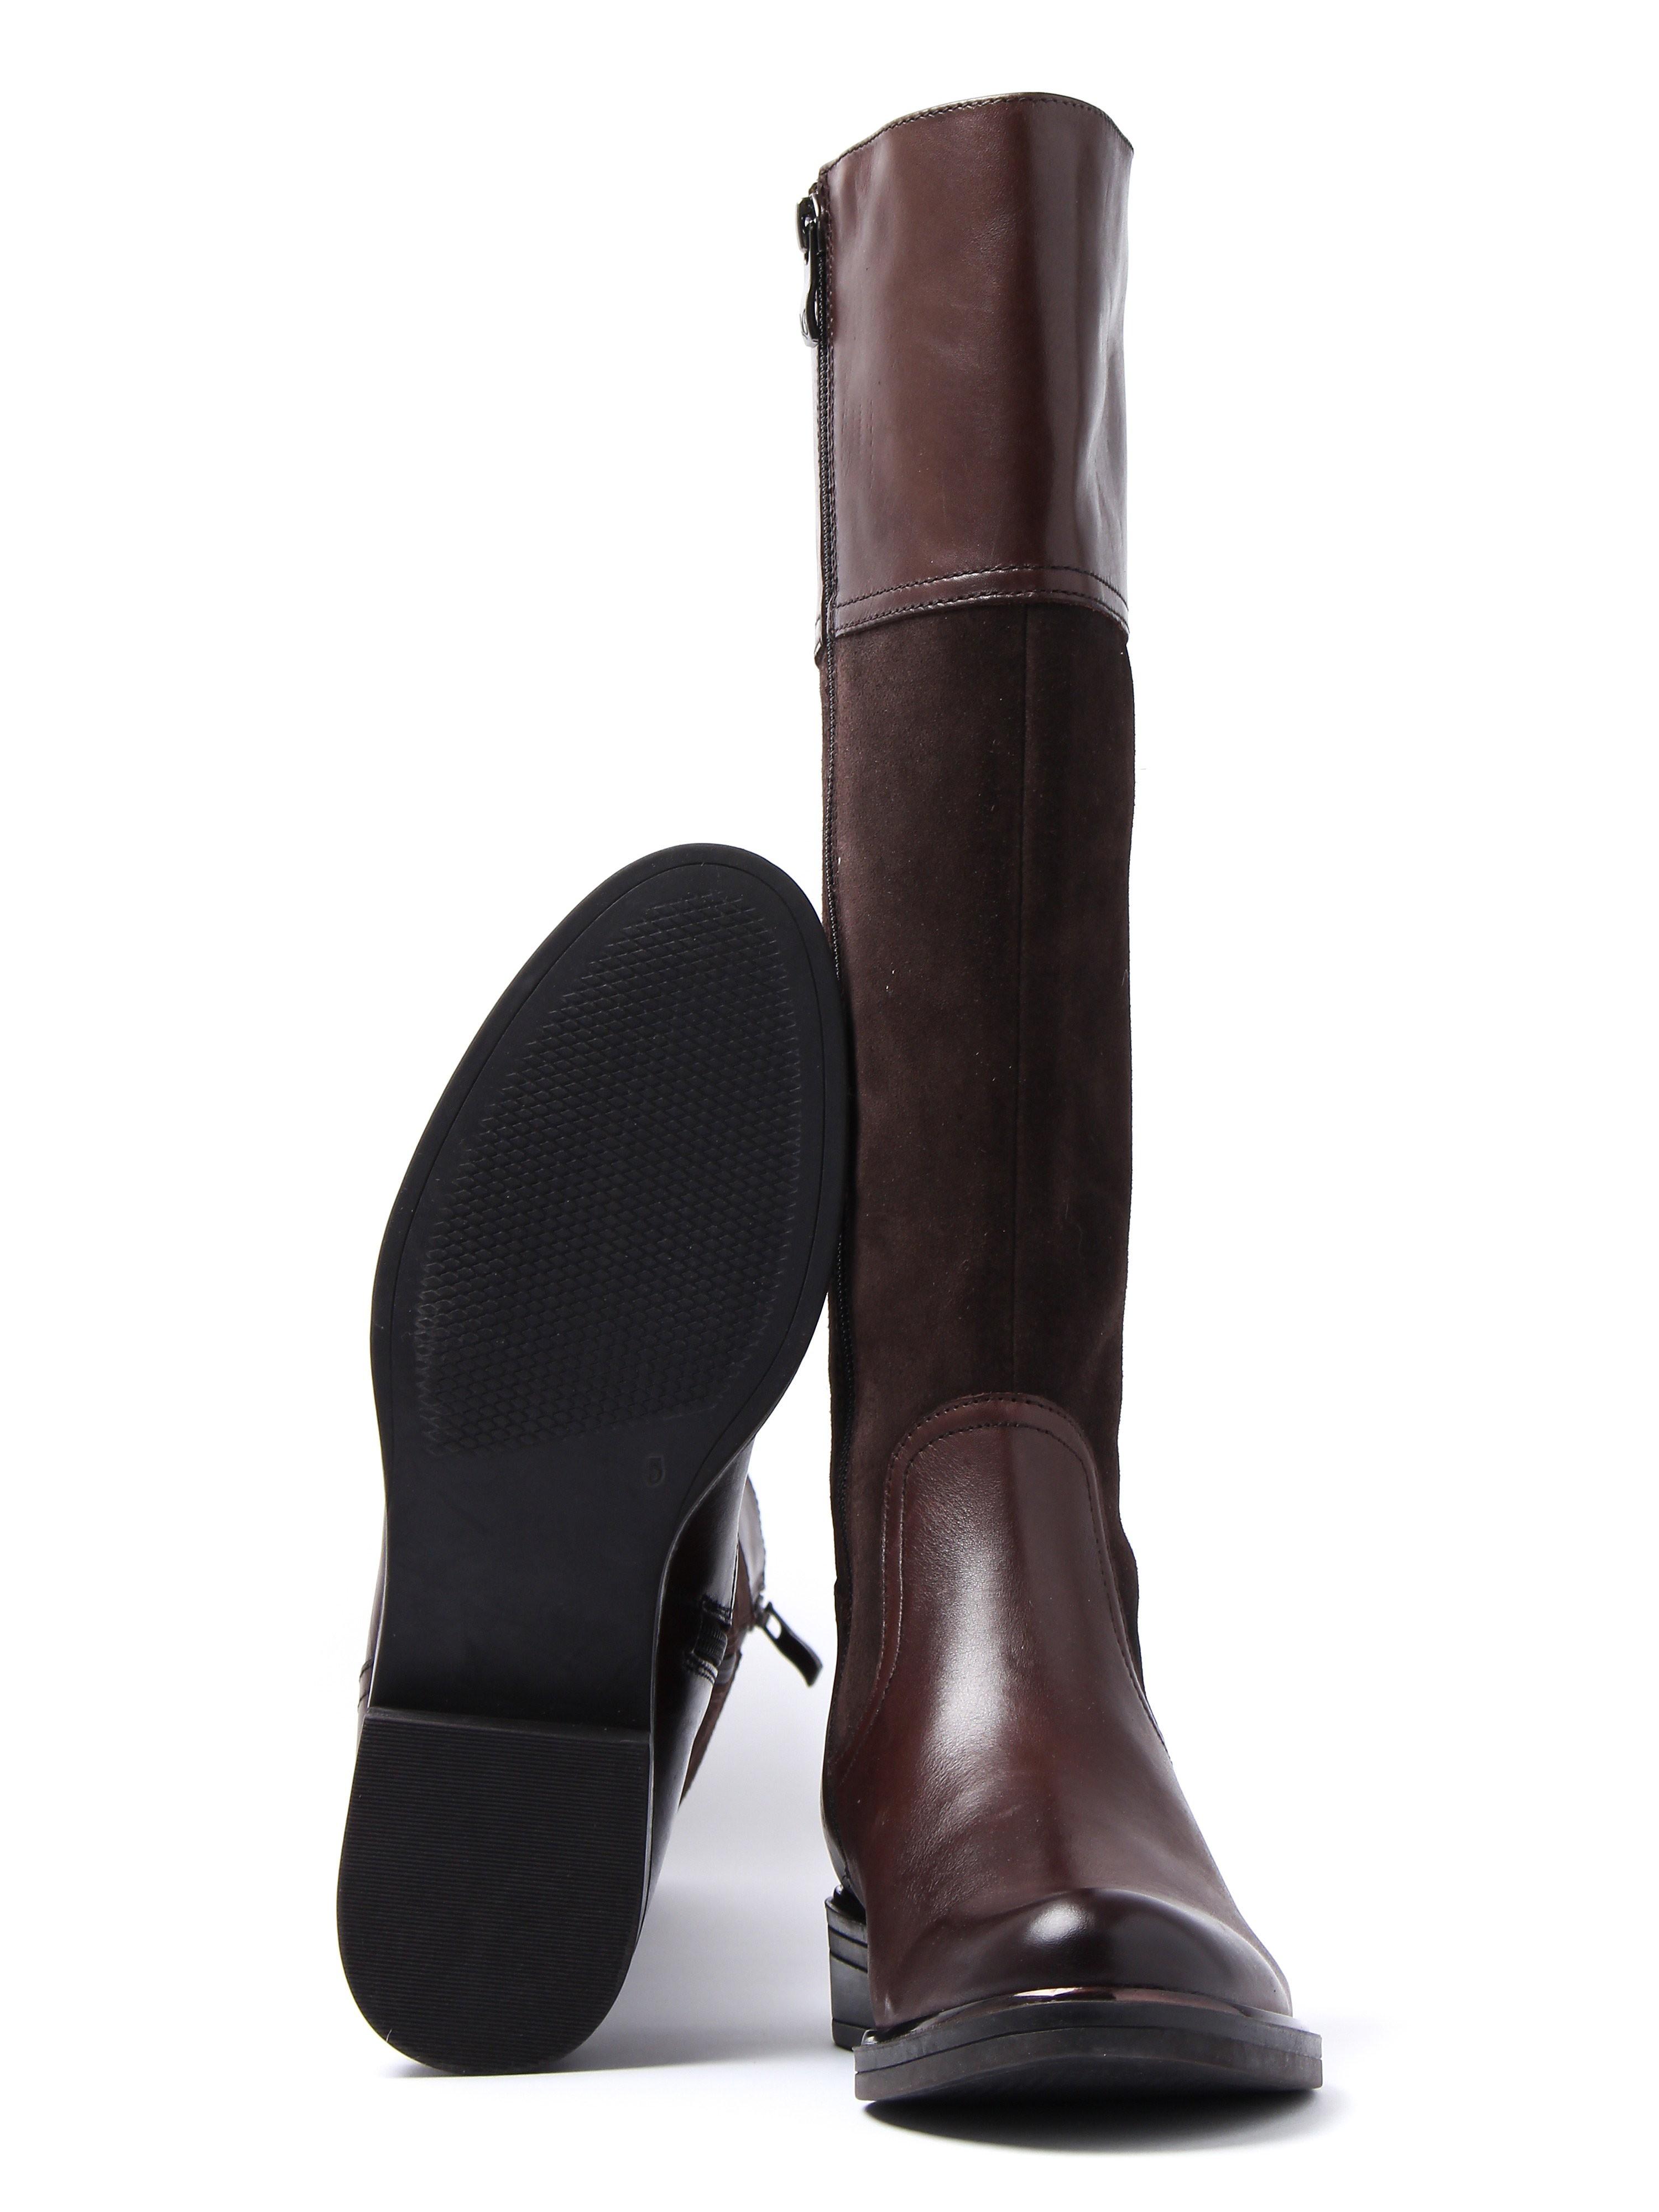 Caprice Women's Tall Combi Boots - Dark Brown Suede